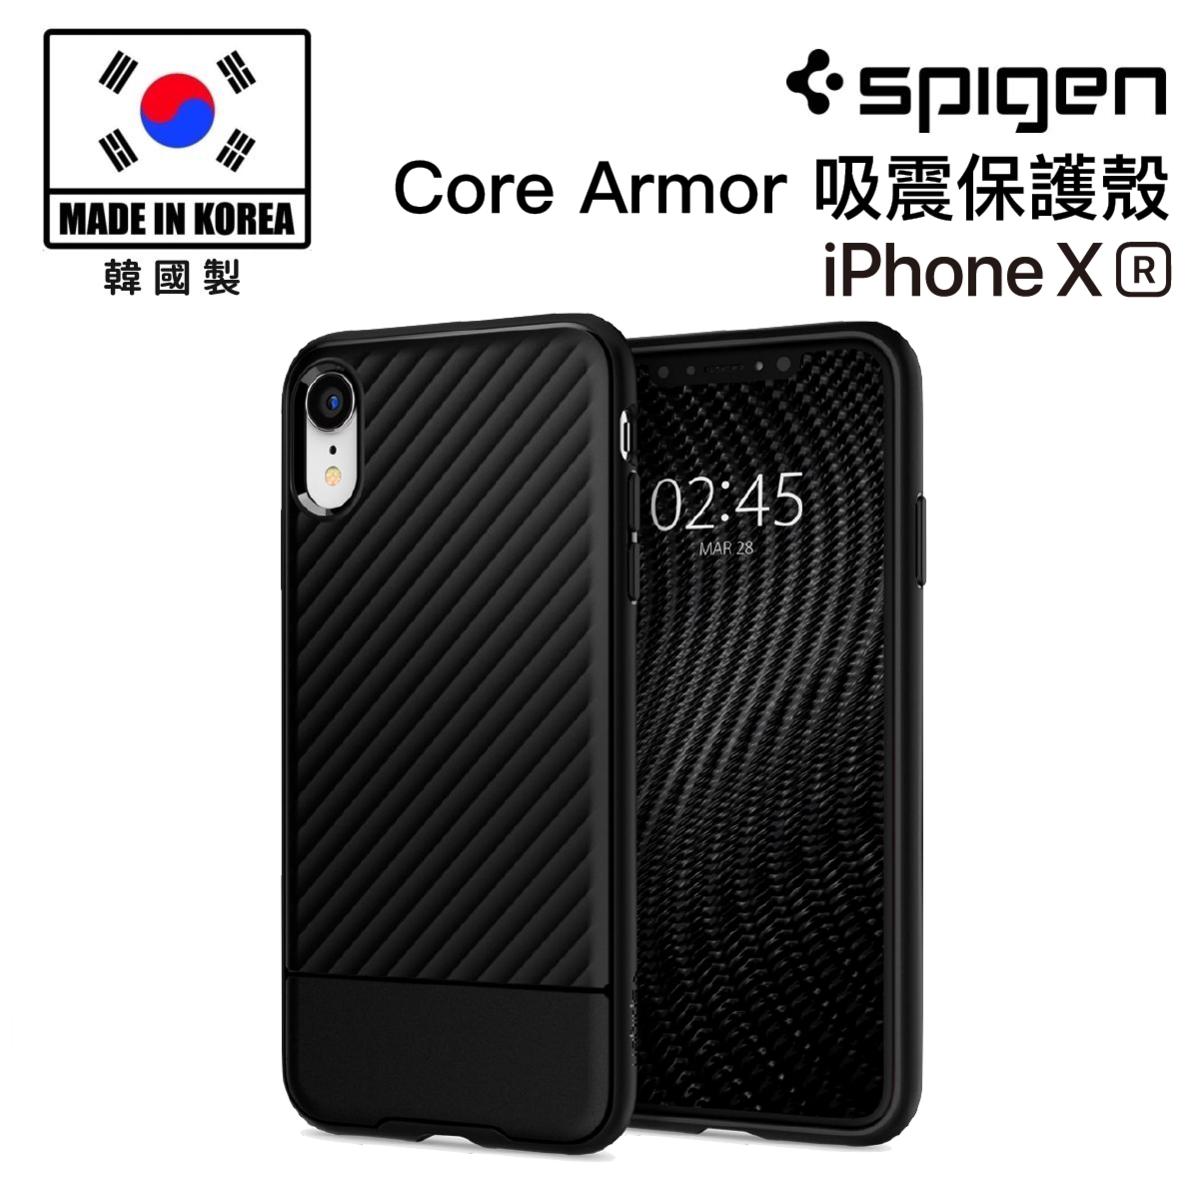 Spigen iPhone XR Case Core Armor - Black